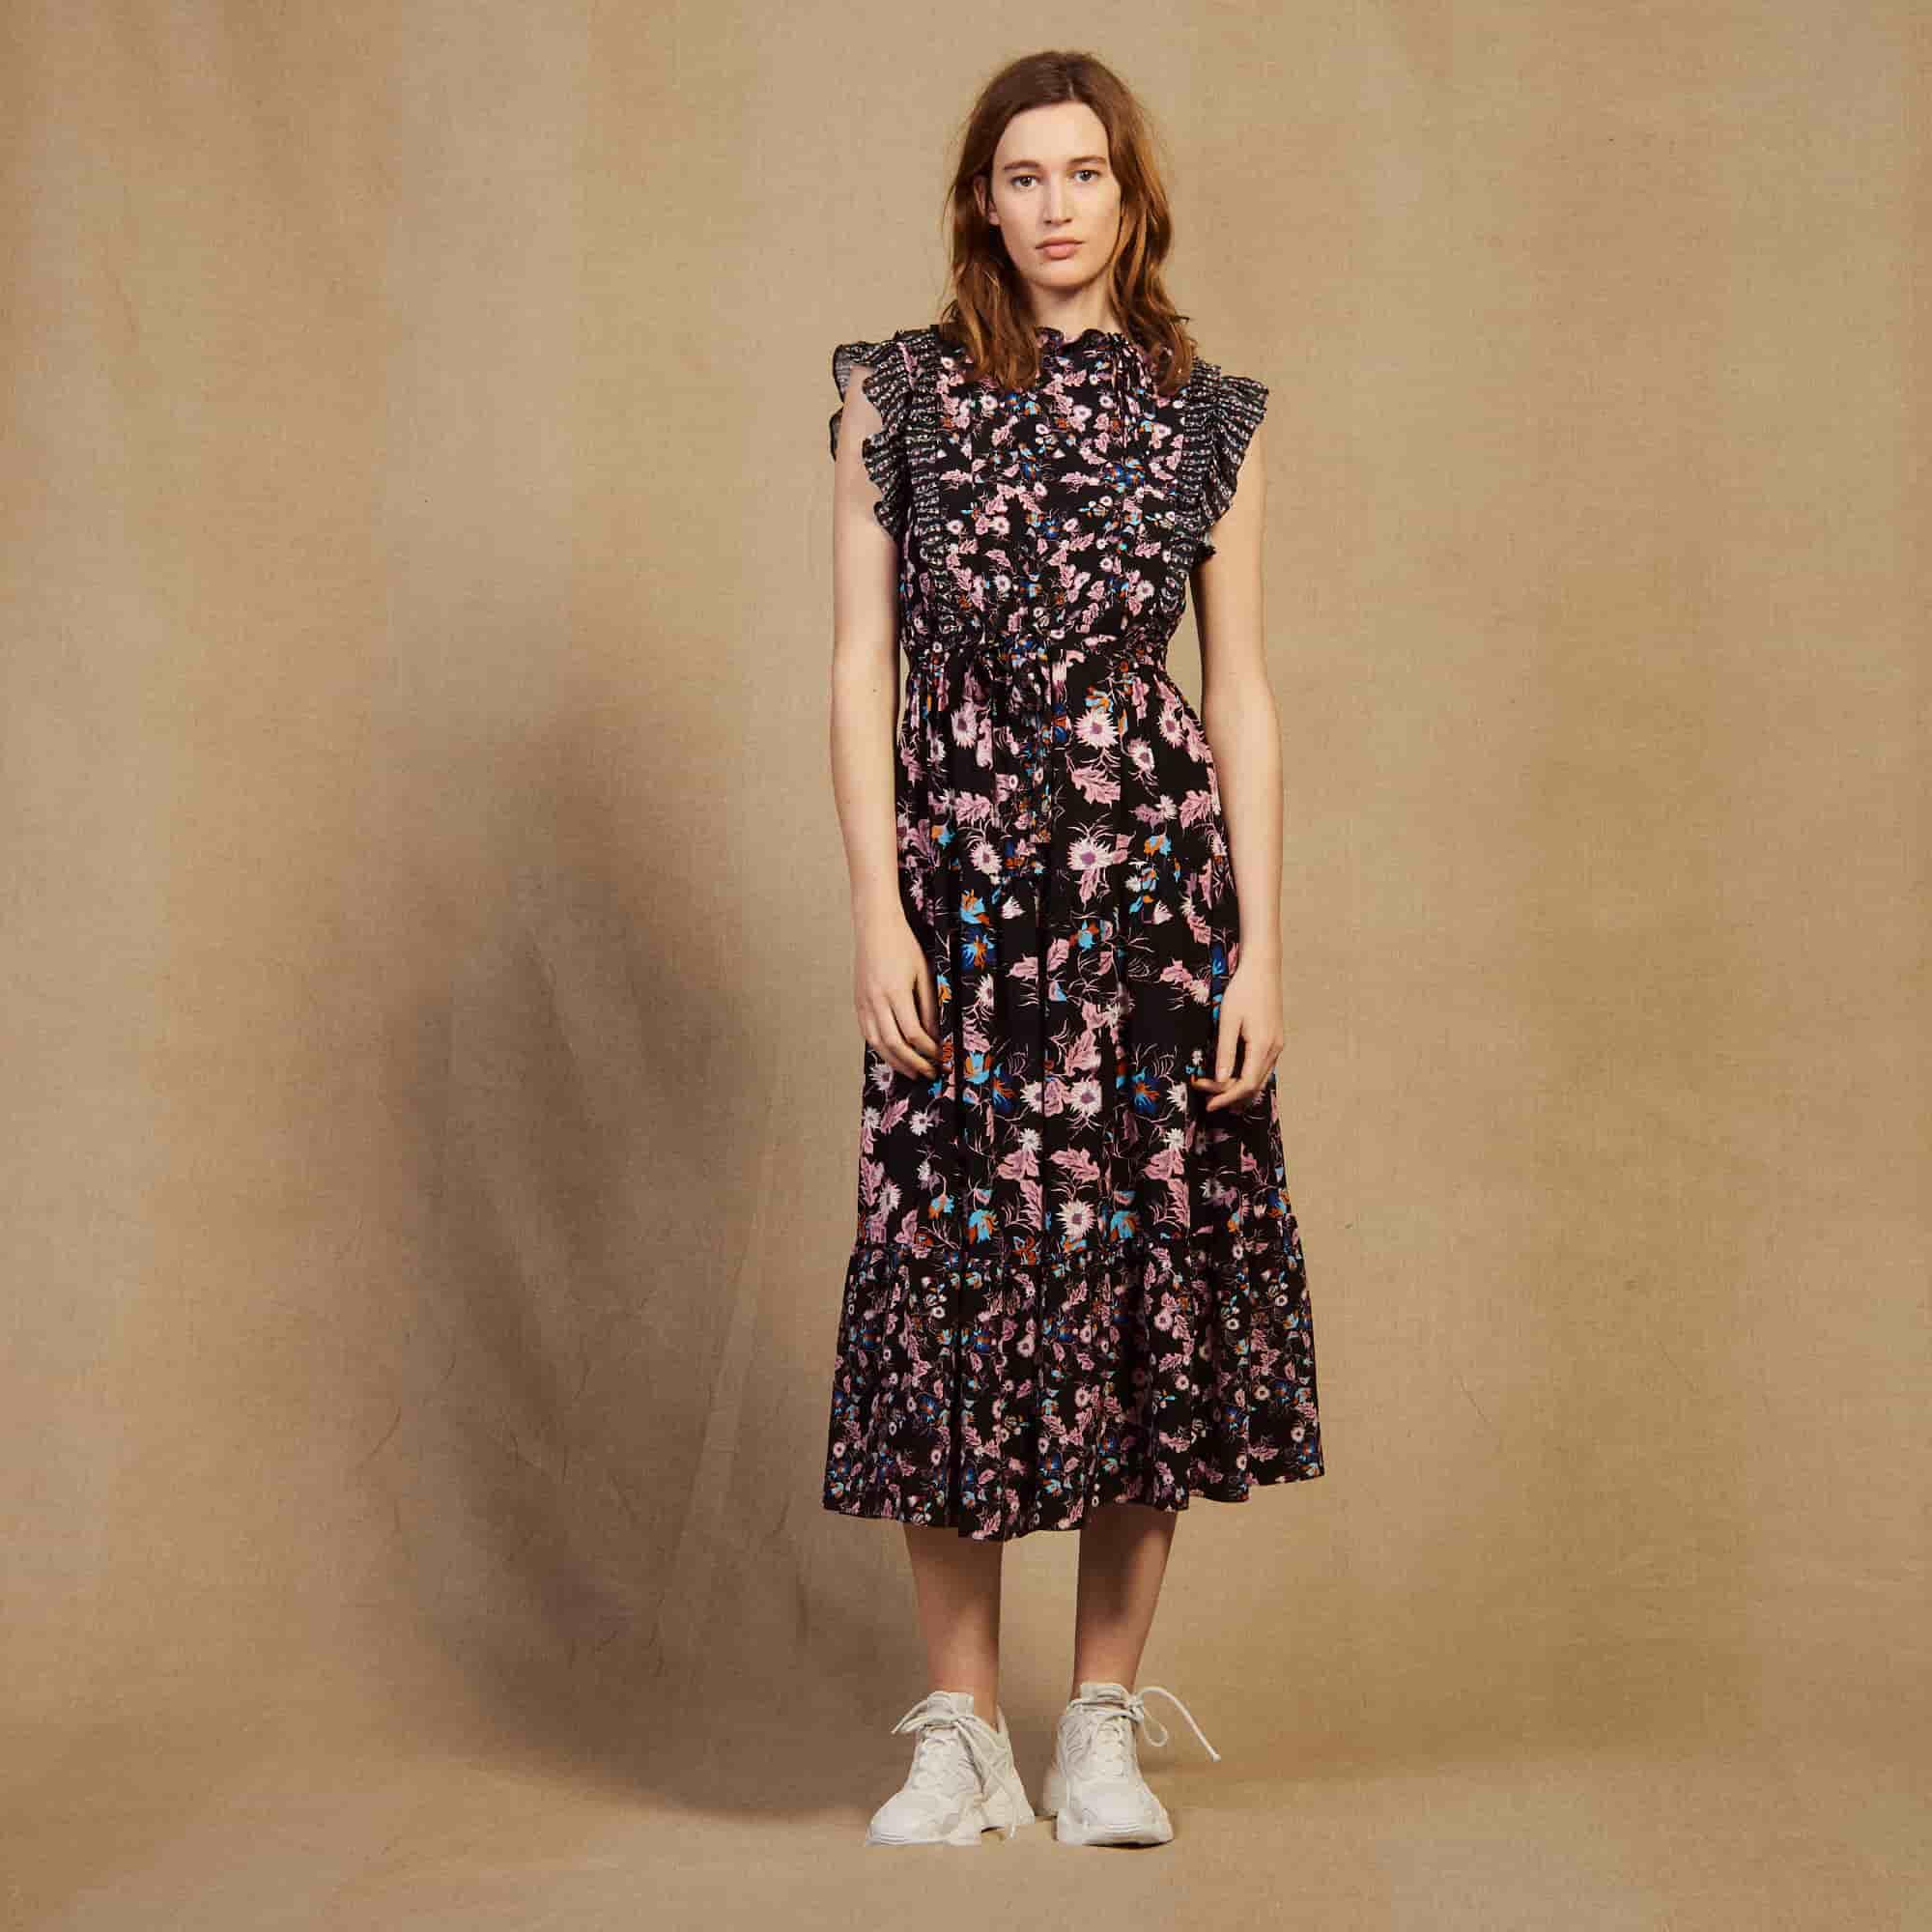 The Ruffled Dress, summer dress